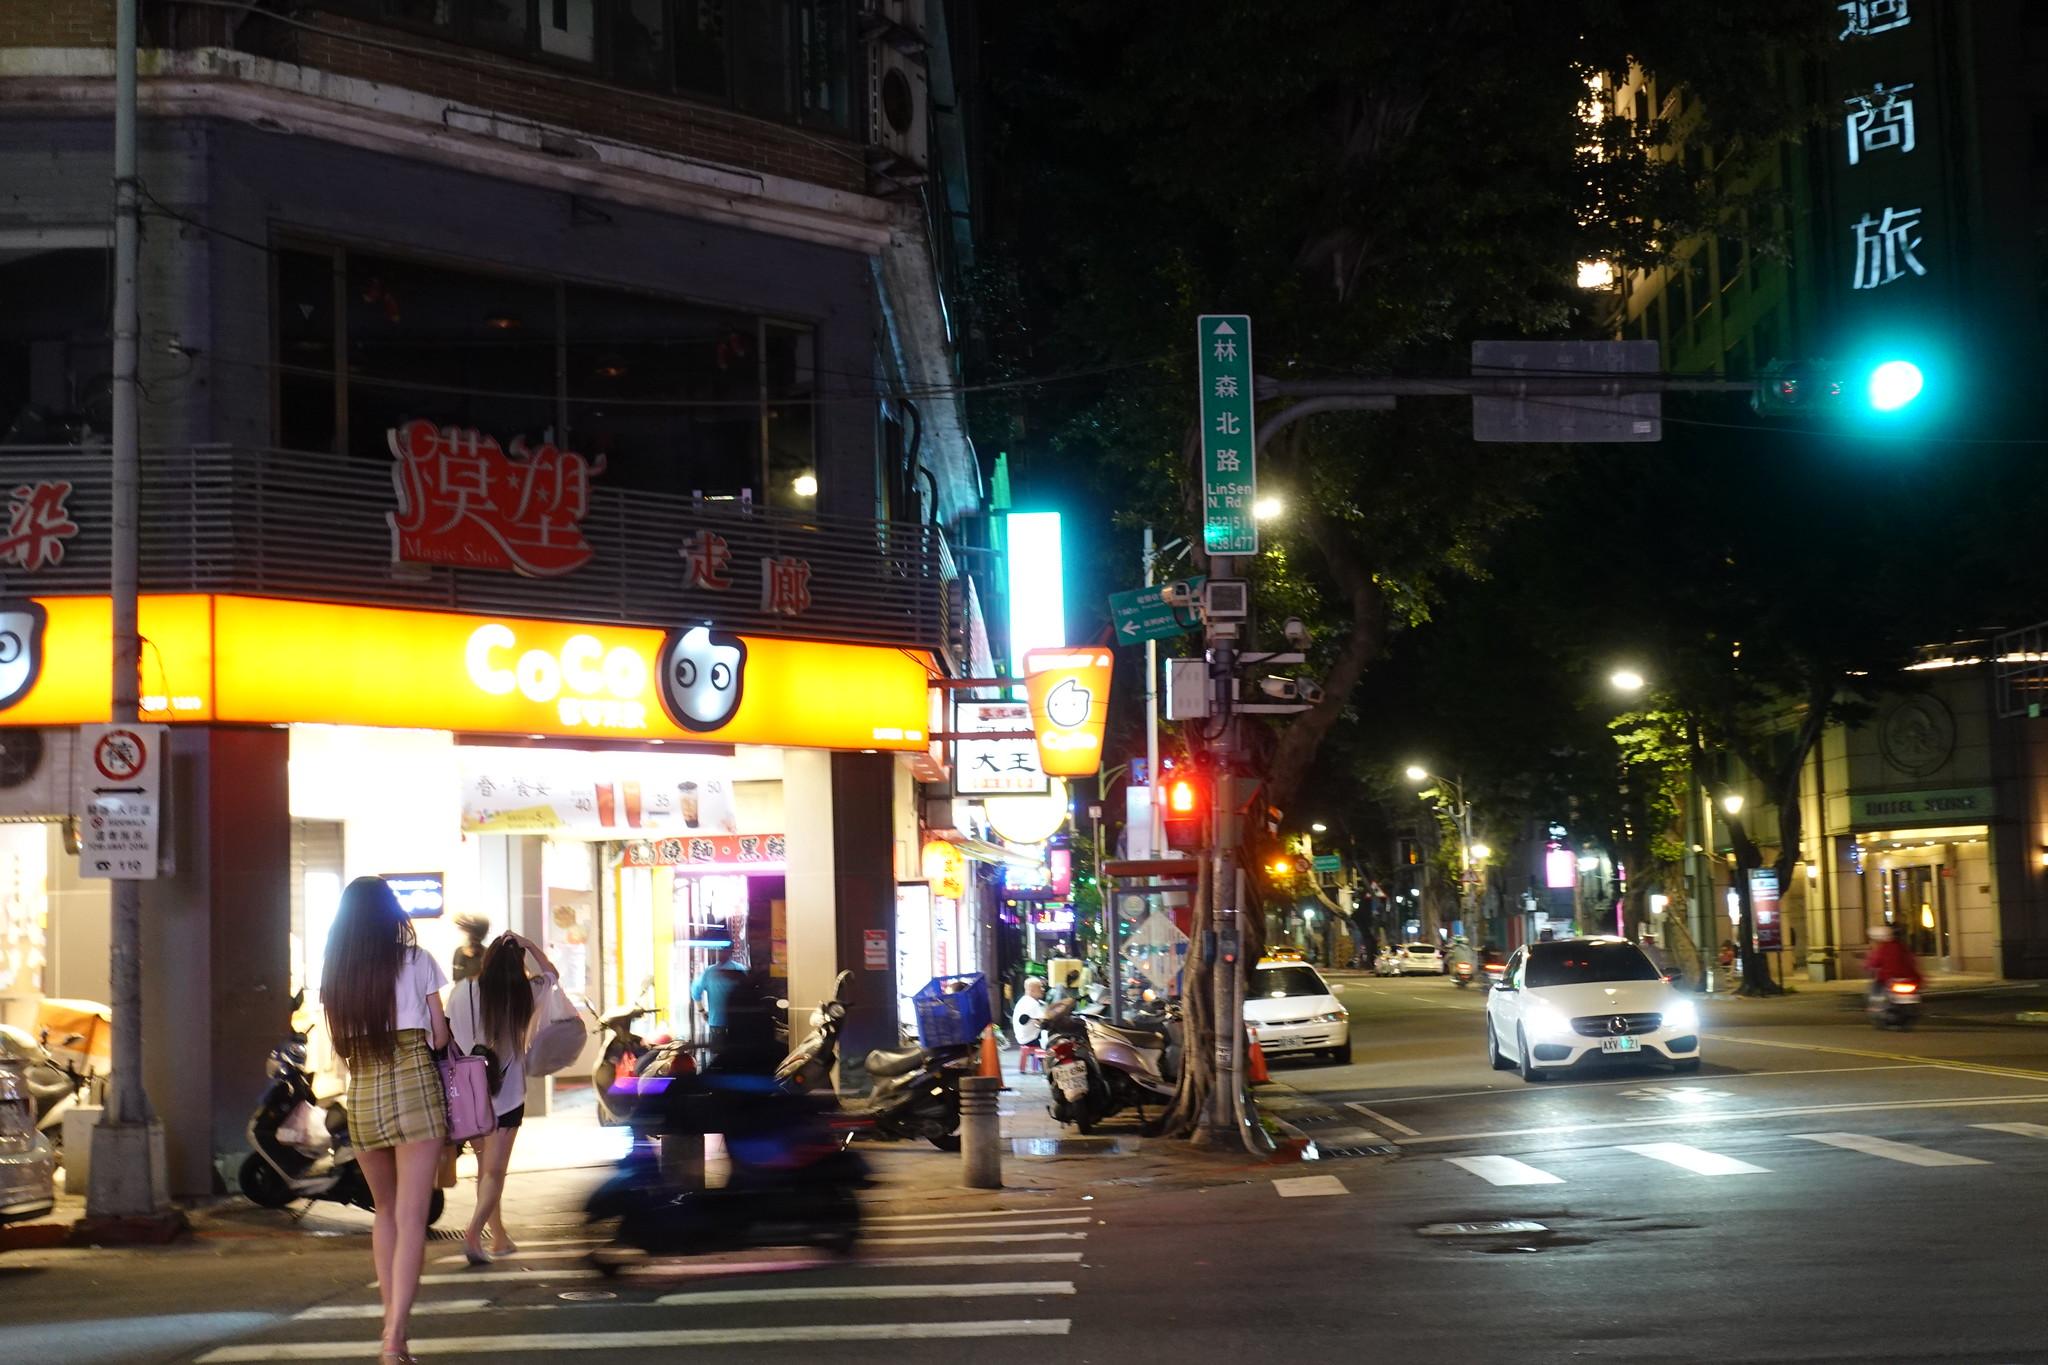 林森北路跨性別酒吧驚傳砍人 男不滿敬酒亮刀攻擊3人